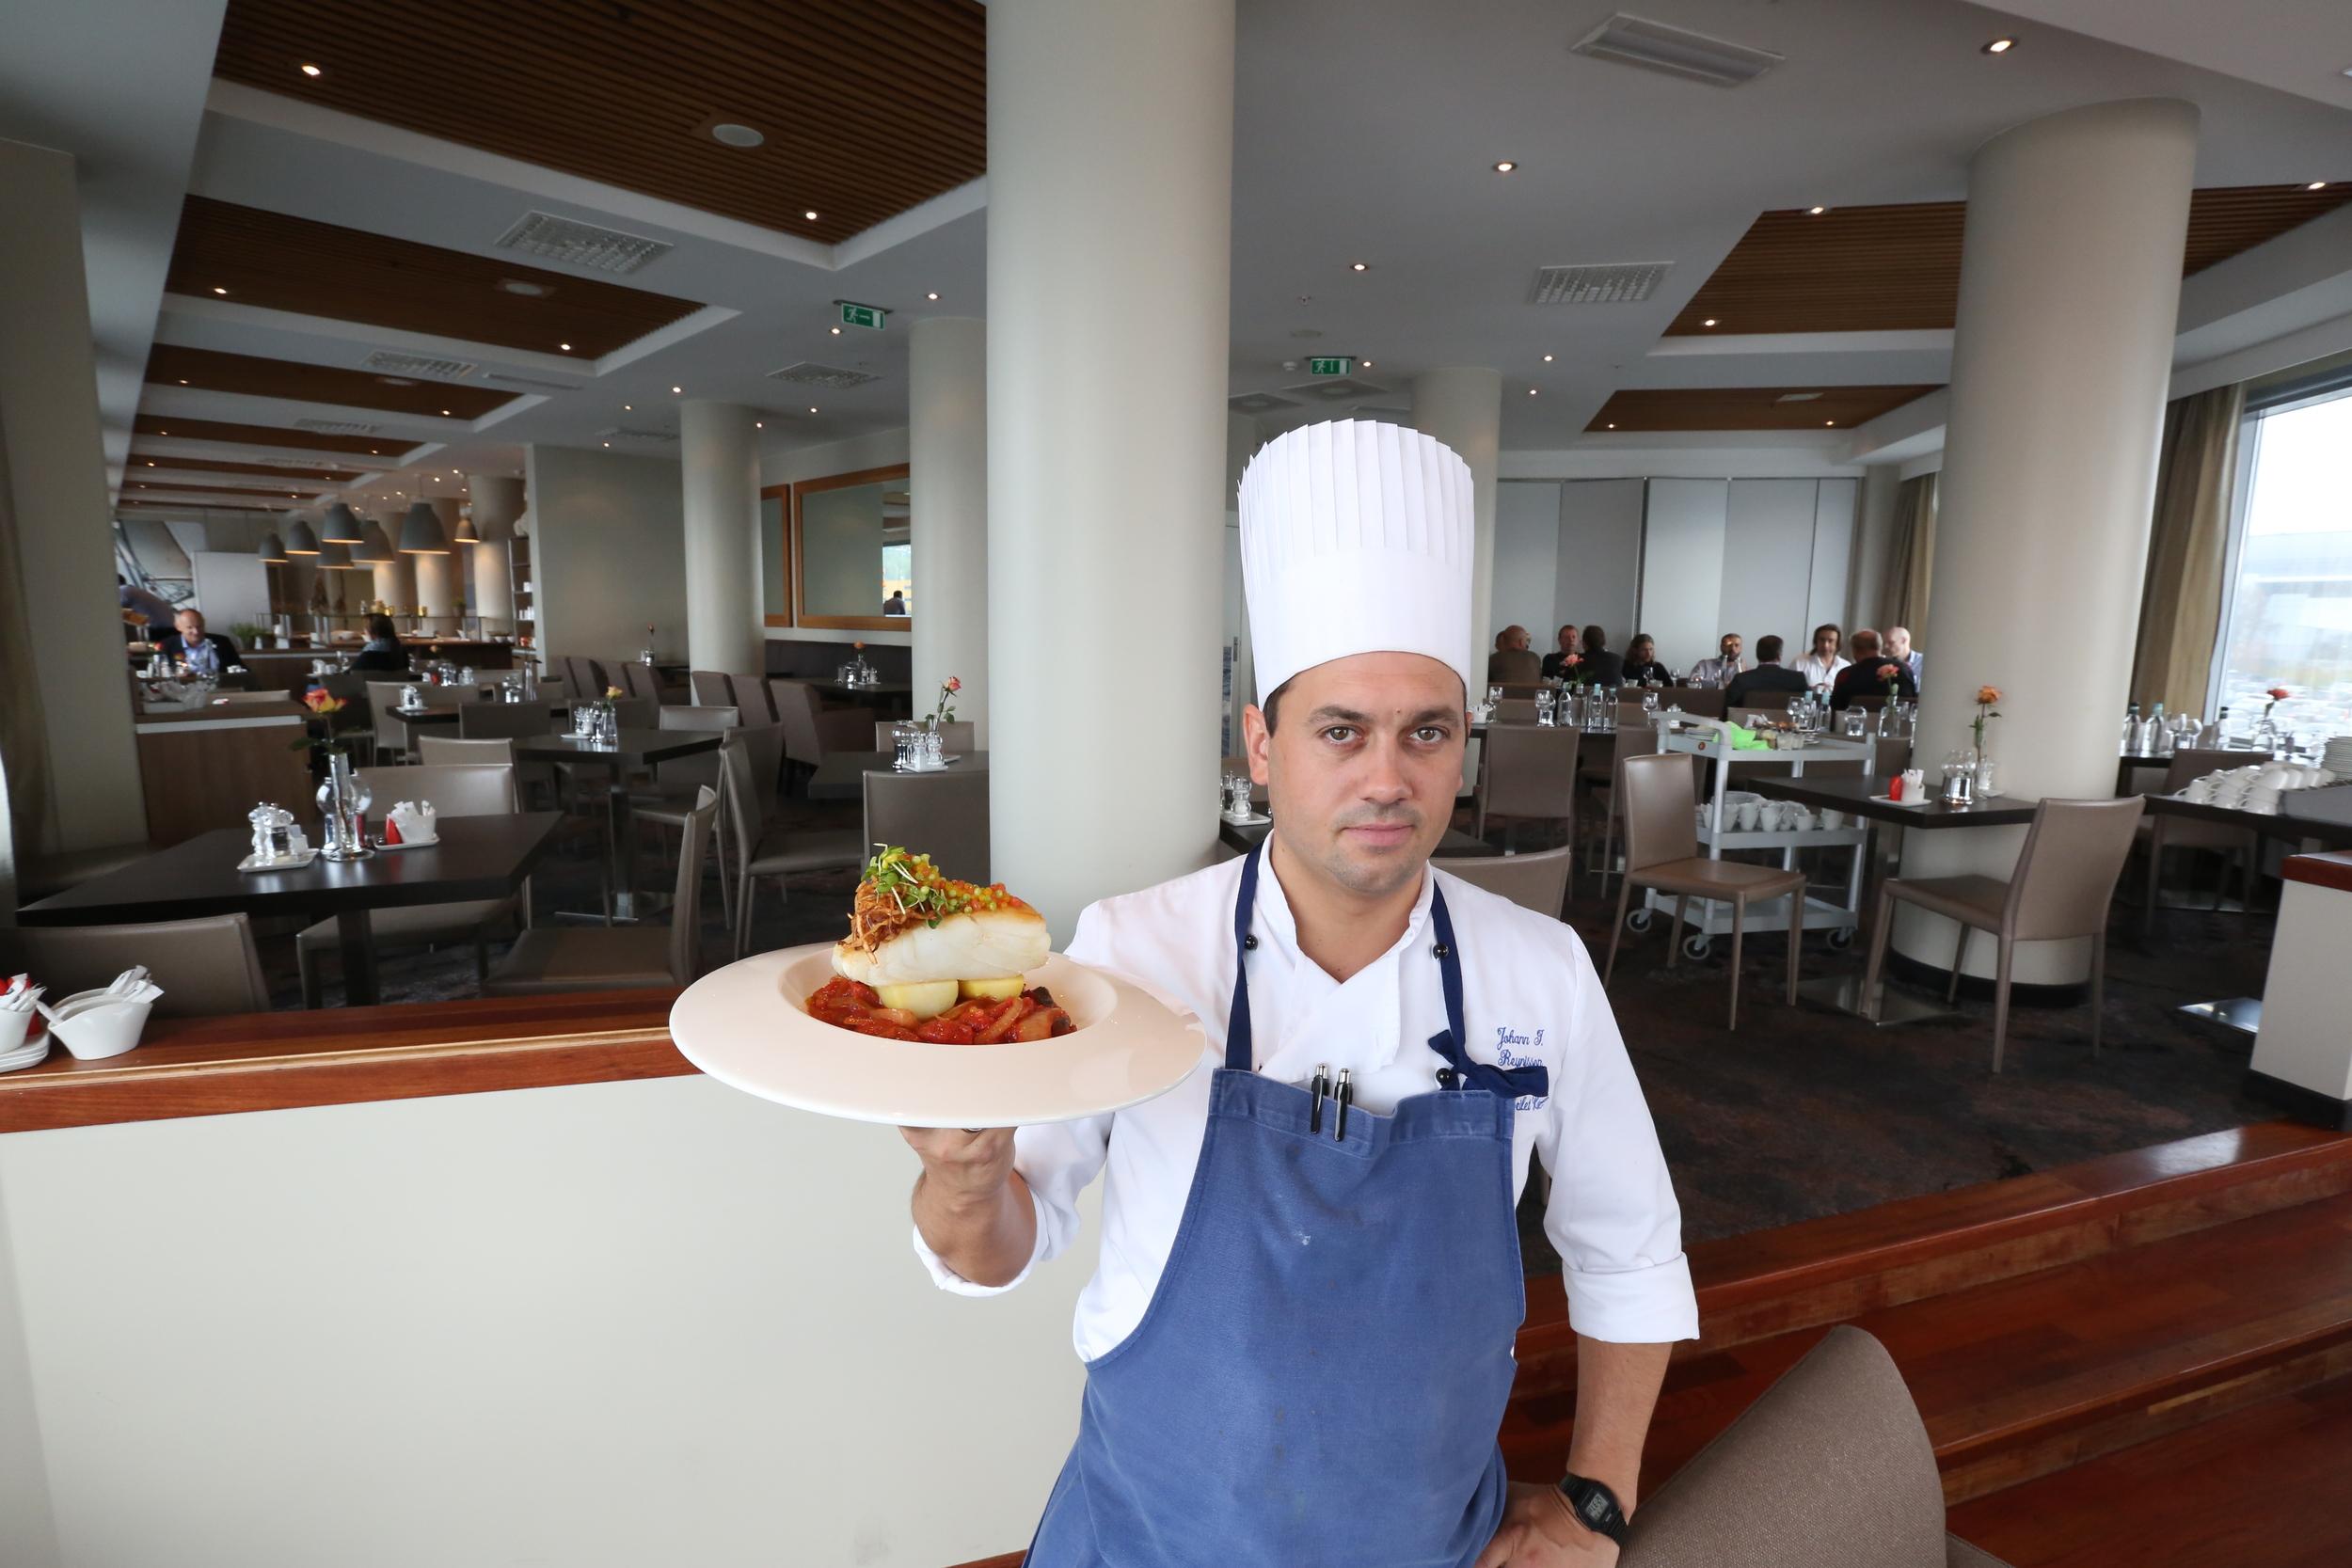 Kokkens favoritt er populær blant gjestene. Men den er fortsatt ikke den mest solgte på Rica Hotel Seilet. Foto: Odd Roar Lange